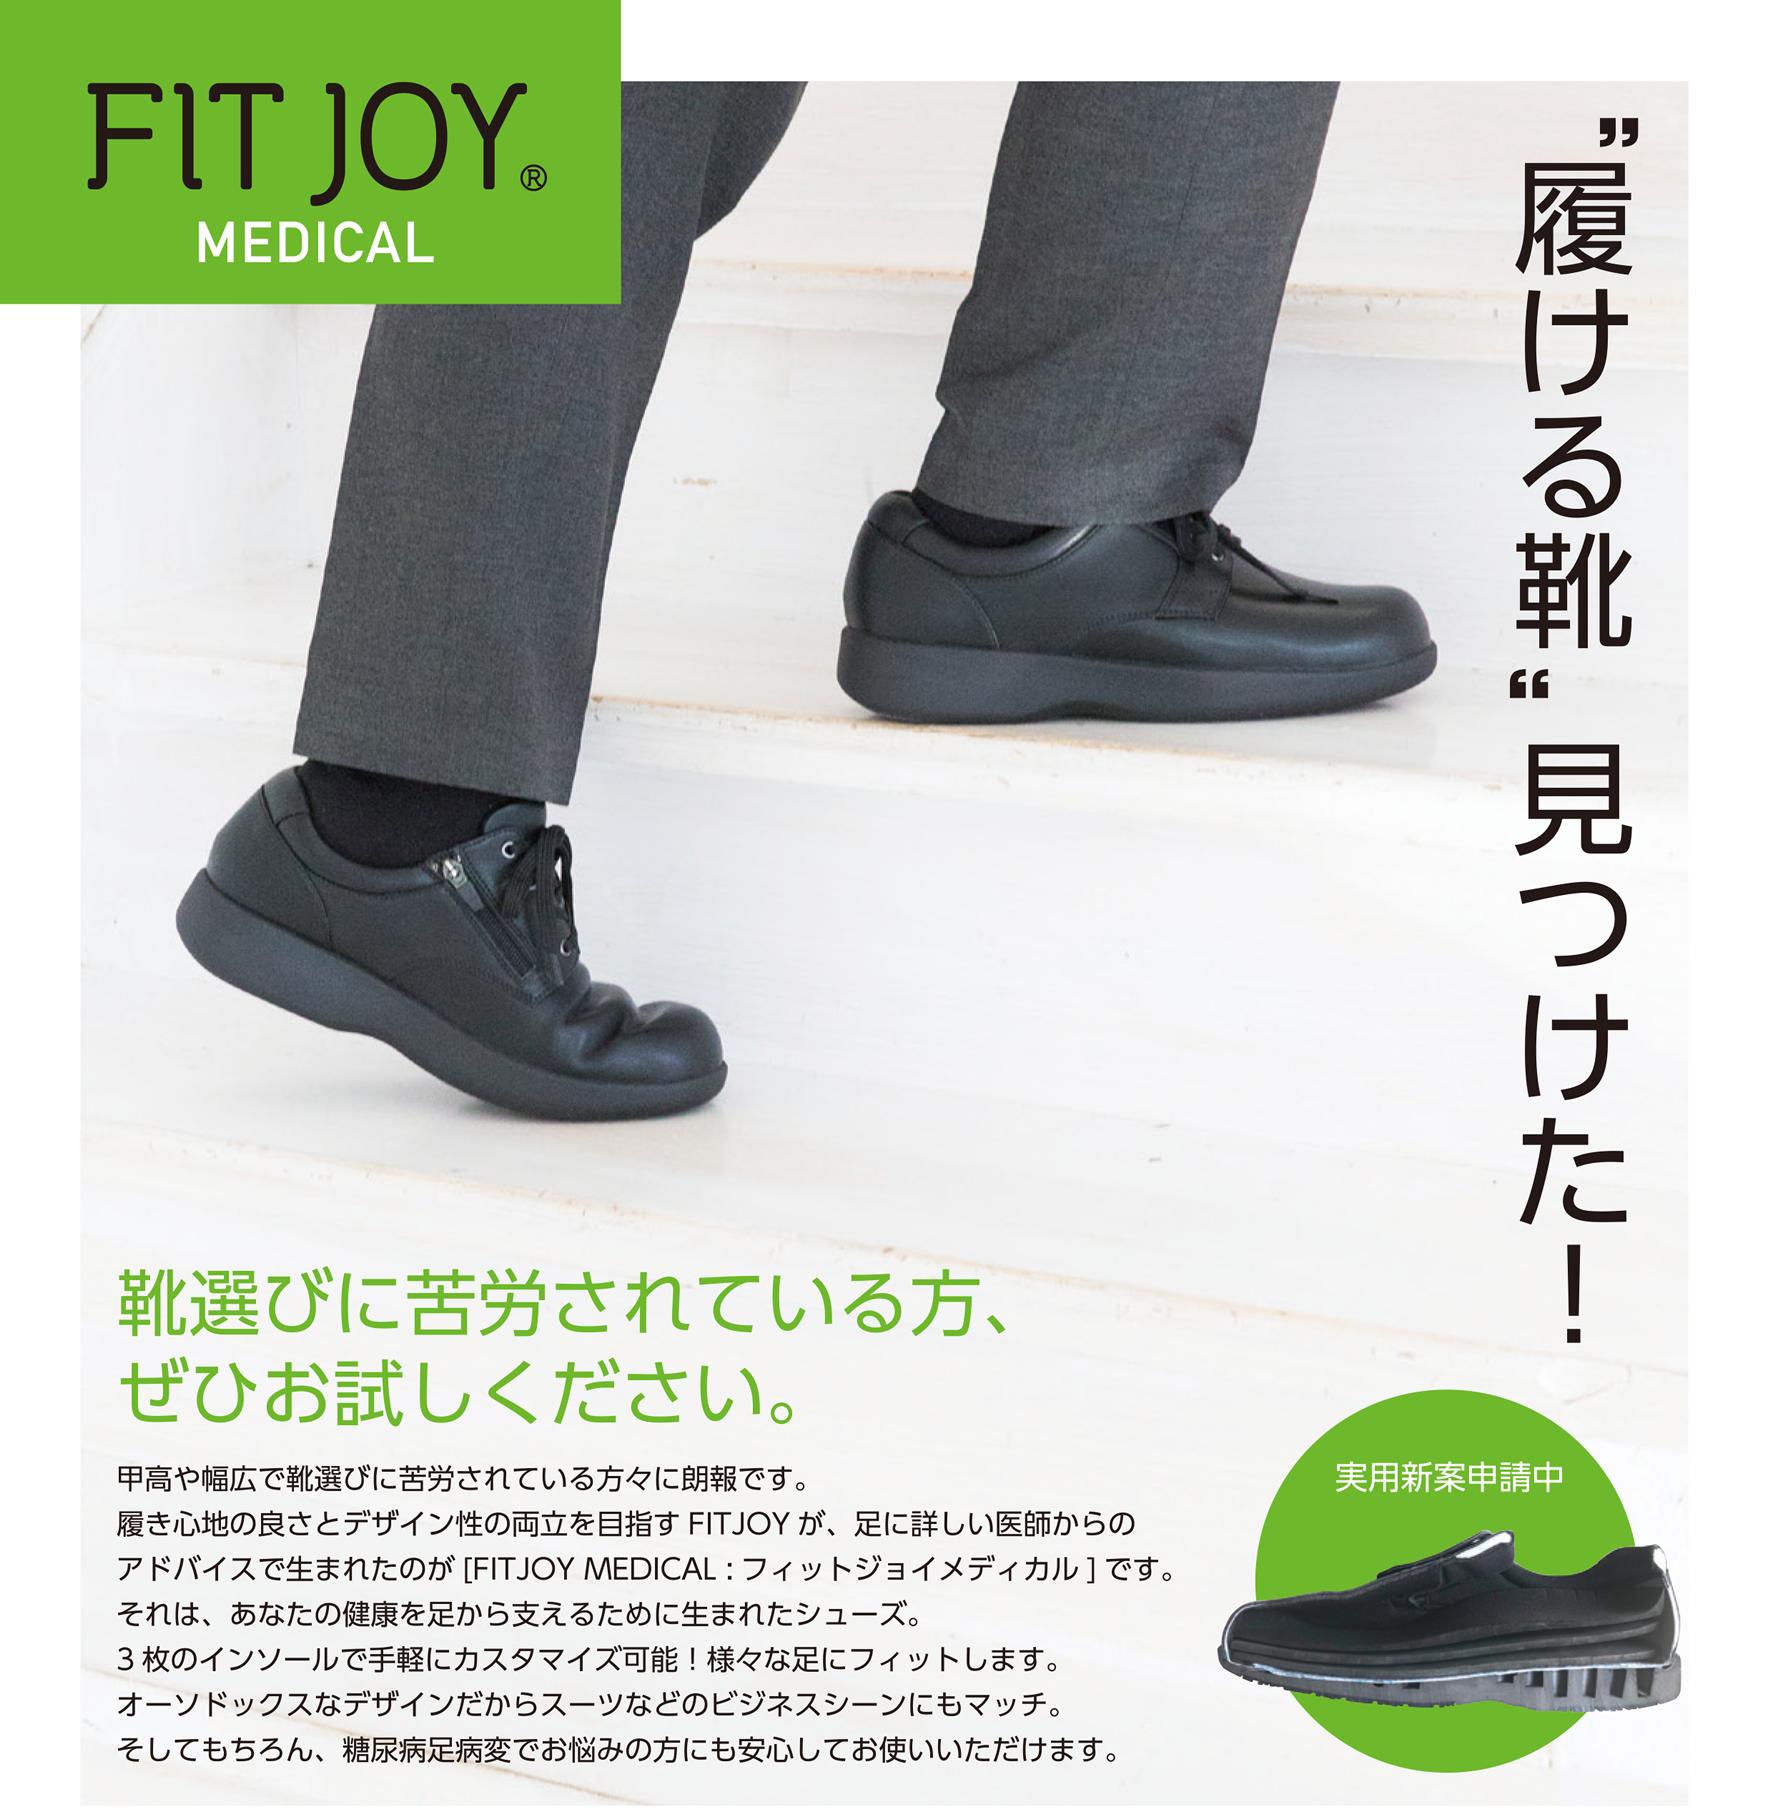 """FIT JOY MEDICAL - """"履ける靴""""見つけた!"""